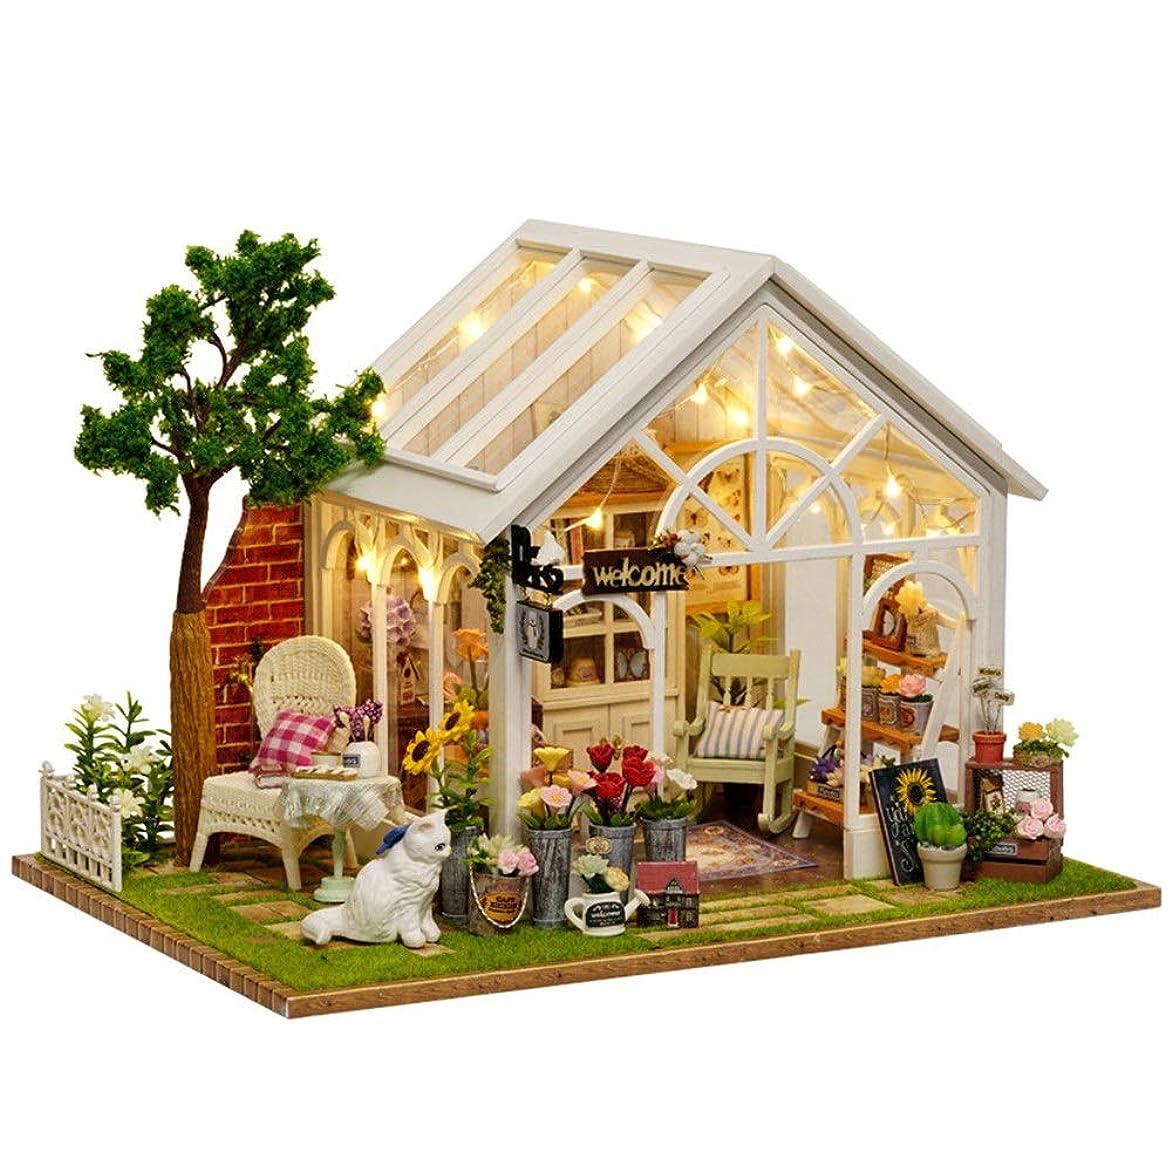 あごひげ鋼仲間DIYドールハウス 大人と子供のためのDIYミニチュアドールハウスキット3D木製ドールハウスプラス防塵 DIY 模型 (Color : White, Size : 22x19x17.5cm)